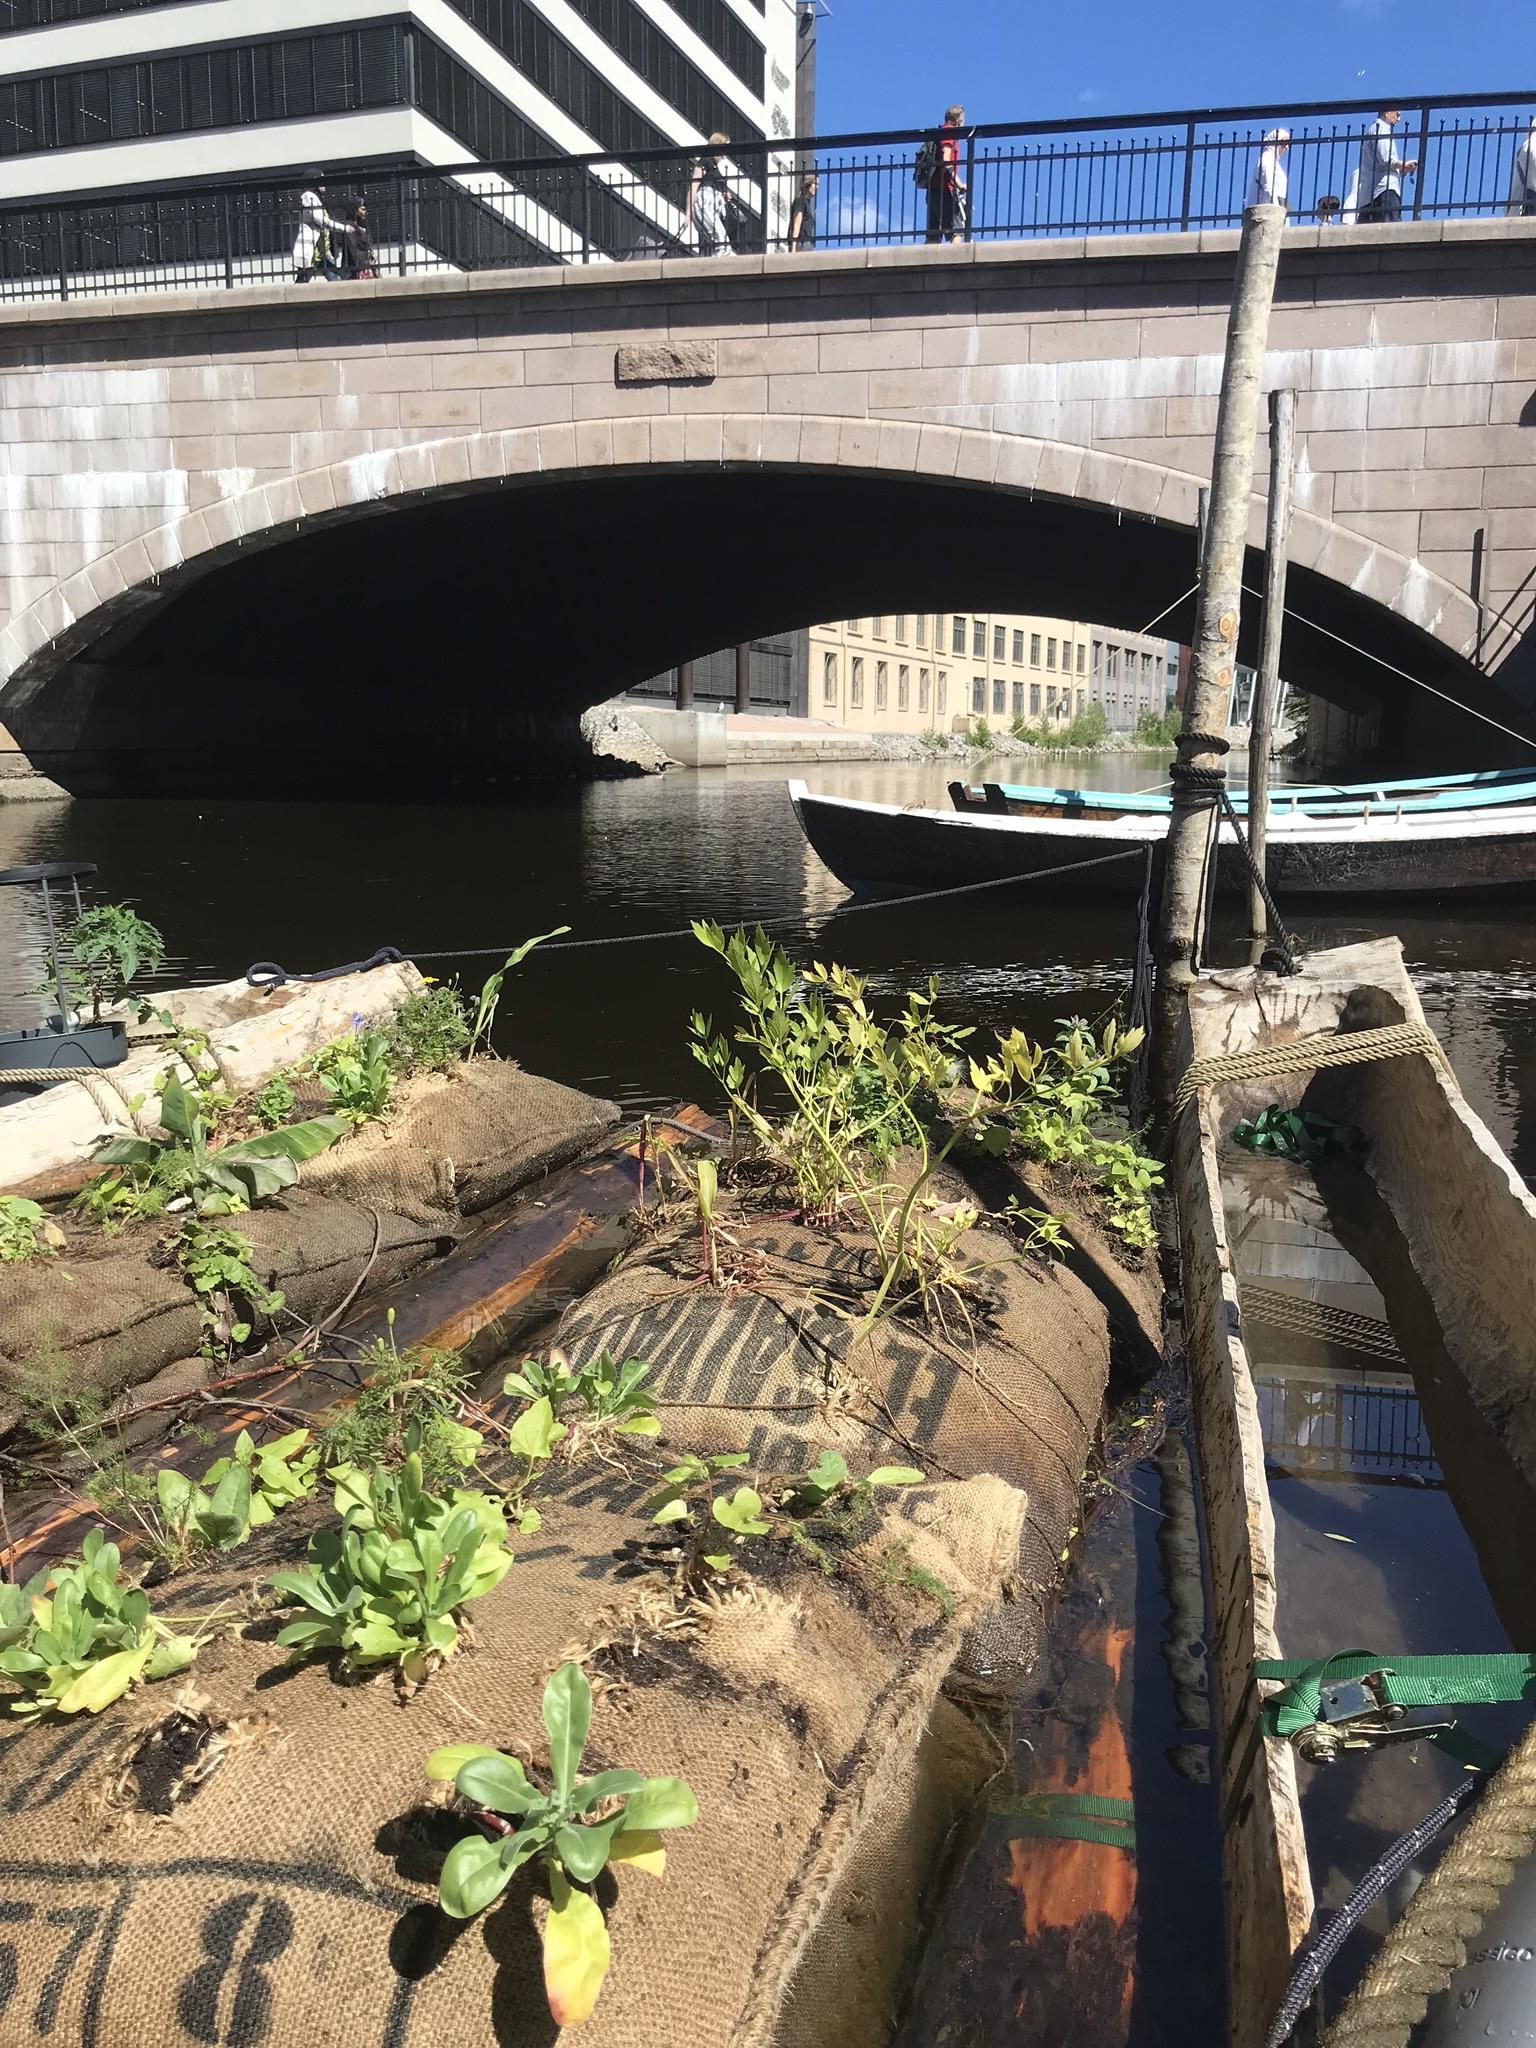 Flåta er laget av tømmerstokker med kaffesekker oppå, fulle av jord. Vi har planta blomster for at pollinerende insekter skal komme til flåta vår, og masse nyttevekster som vi forhåpentligvis kan spise til høsten. Foto: Hanna Bjørgaas